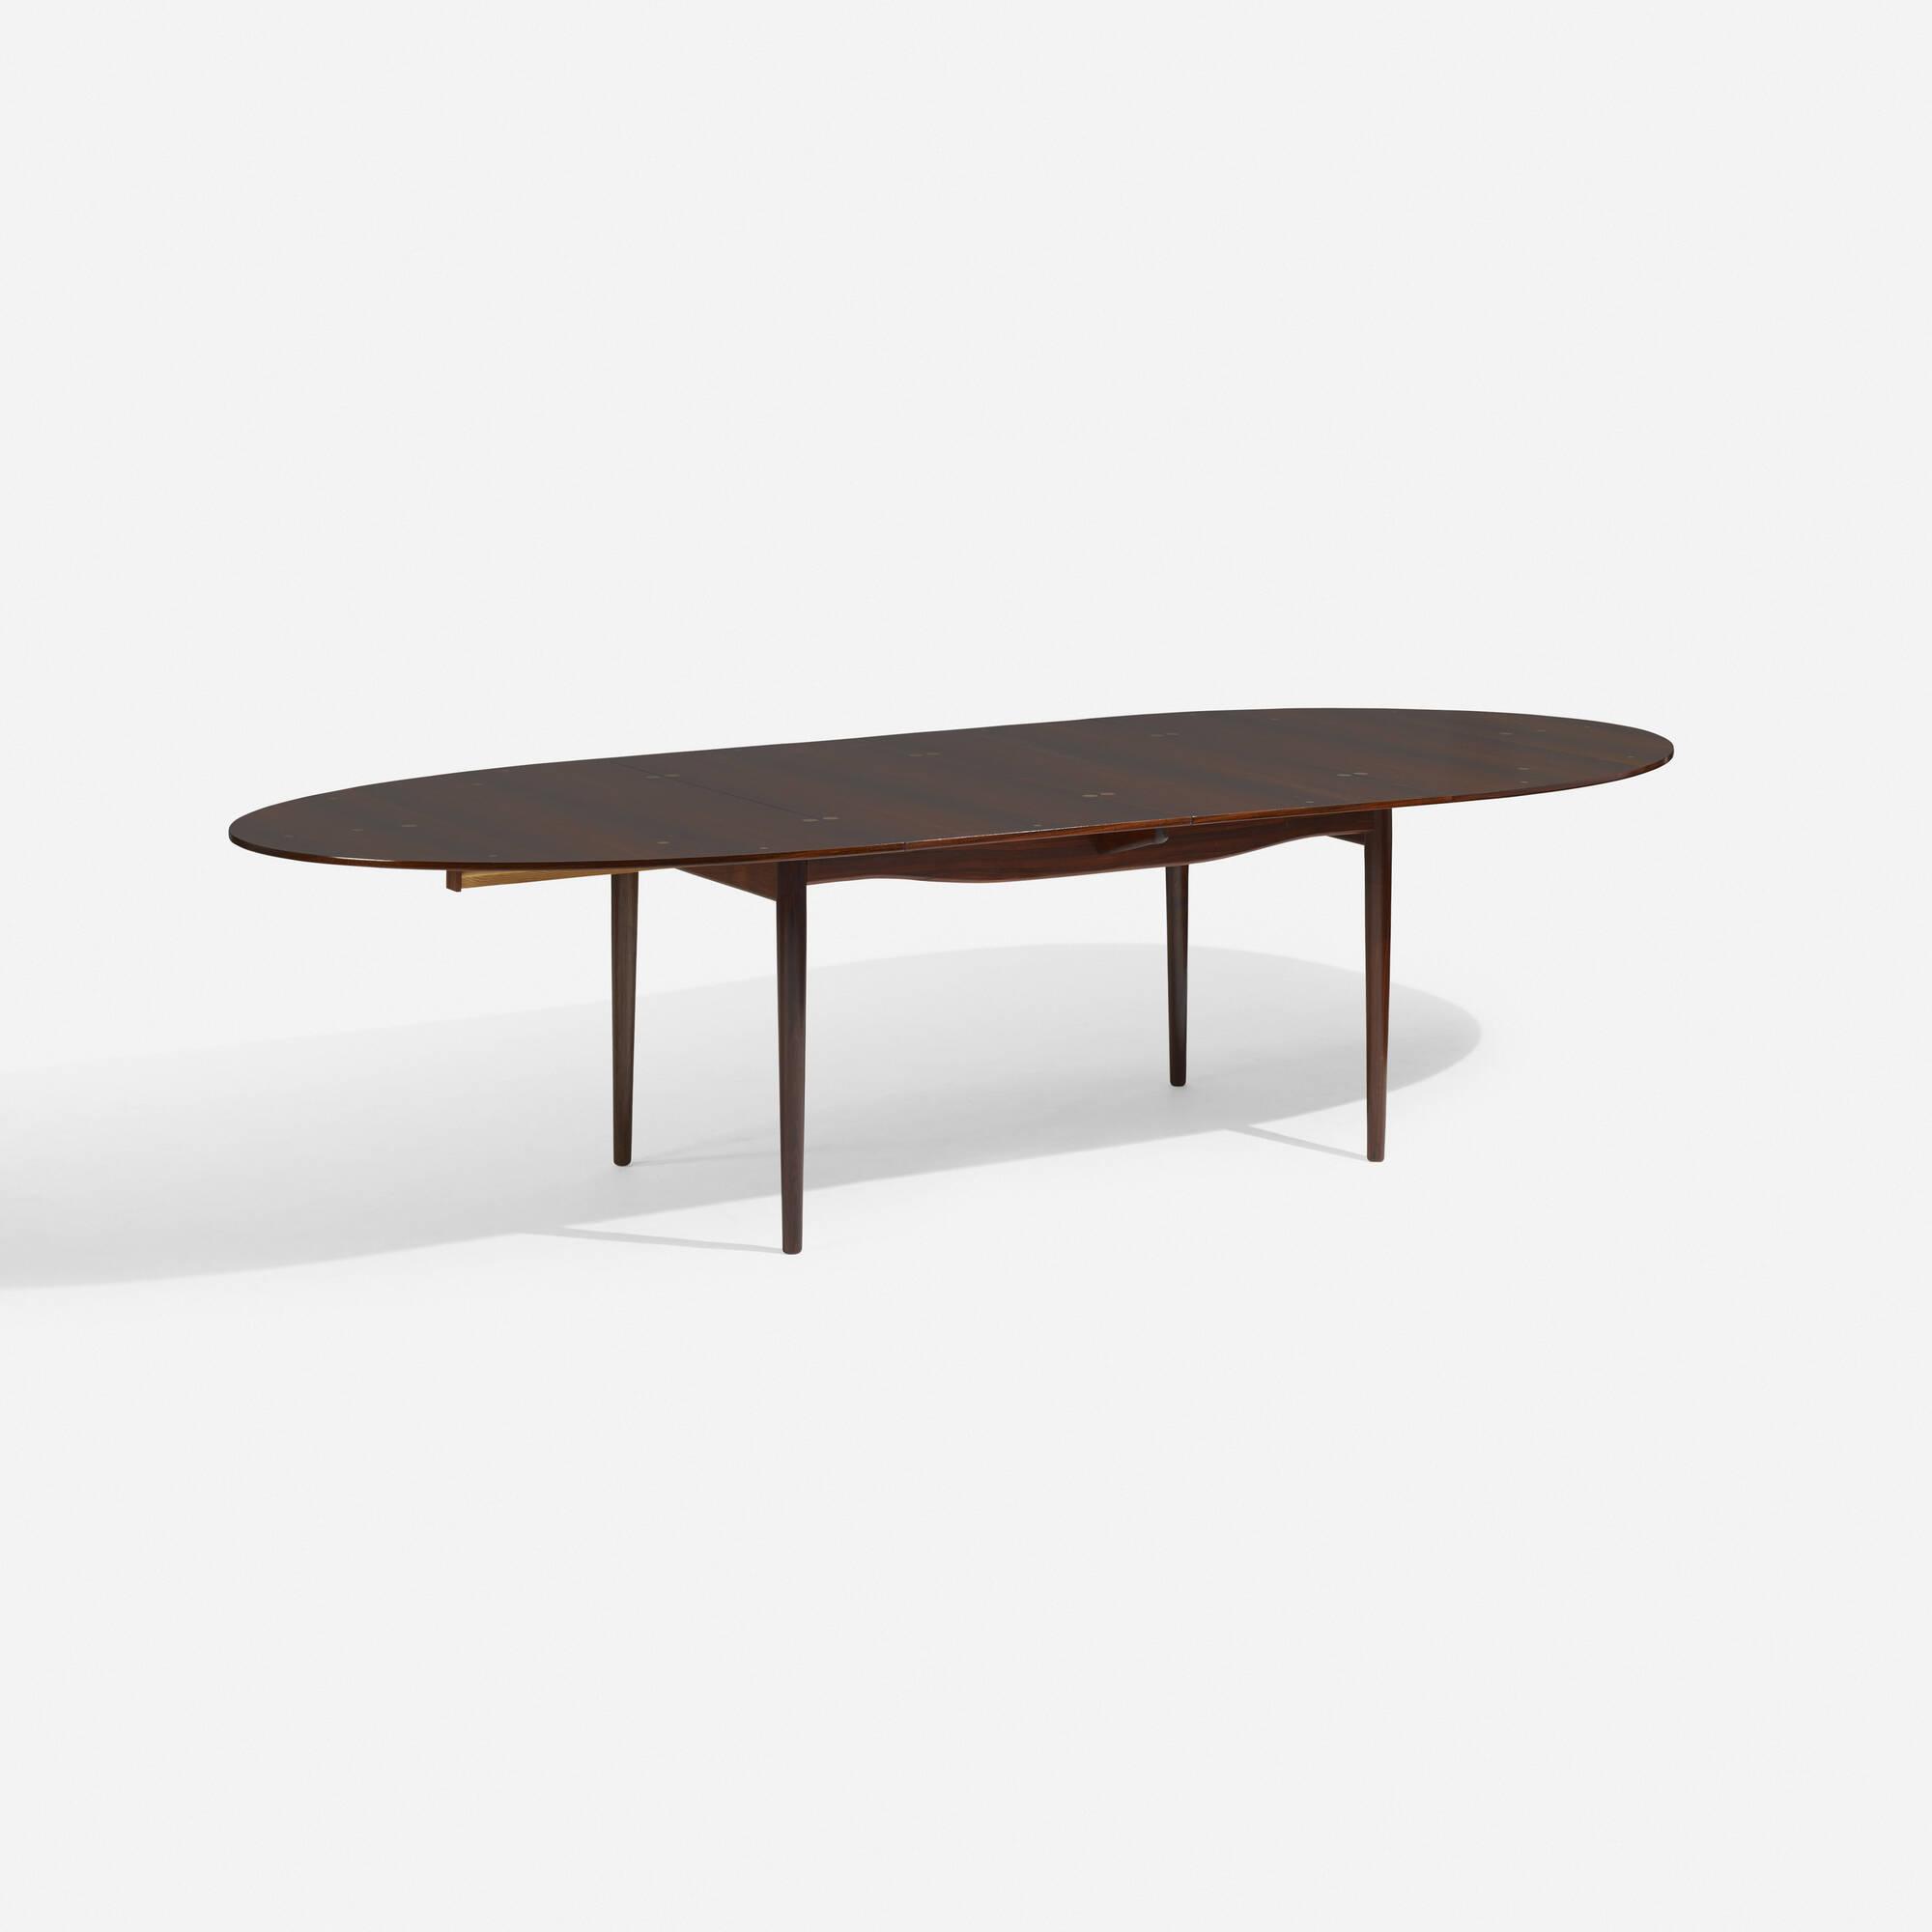 131: Finn Juhl / Judas dining table (2 of 4)